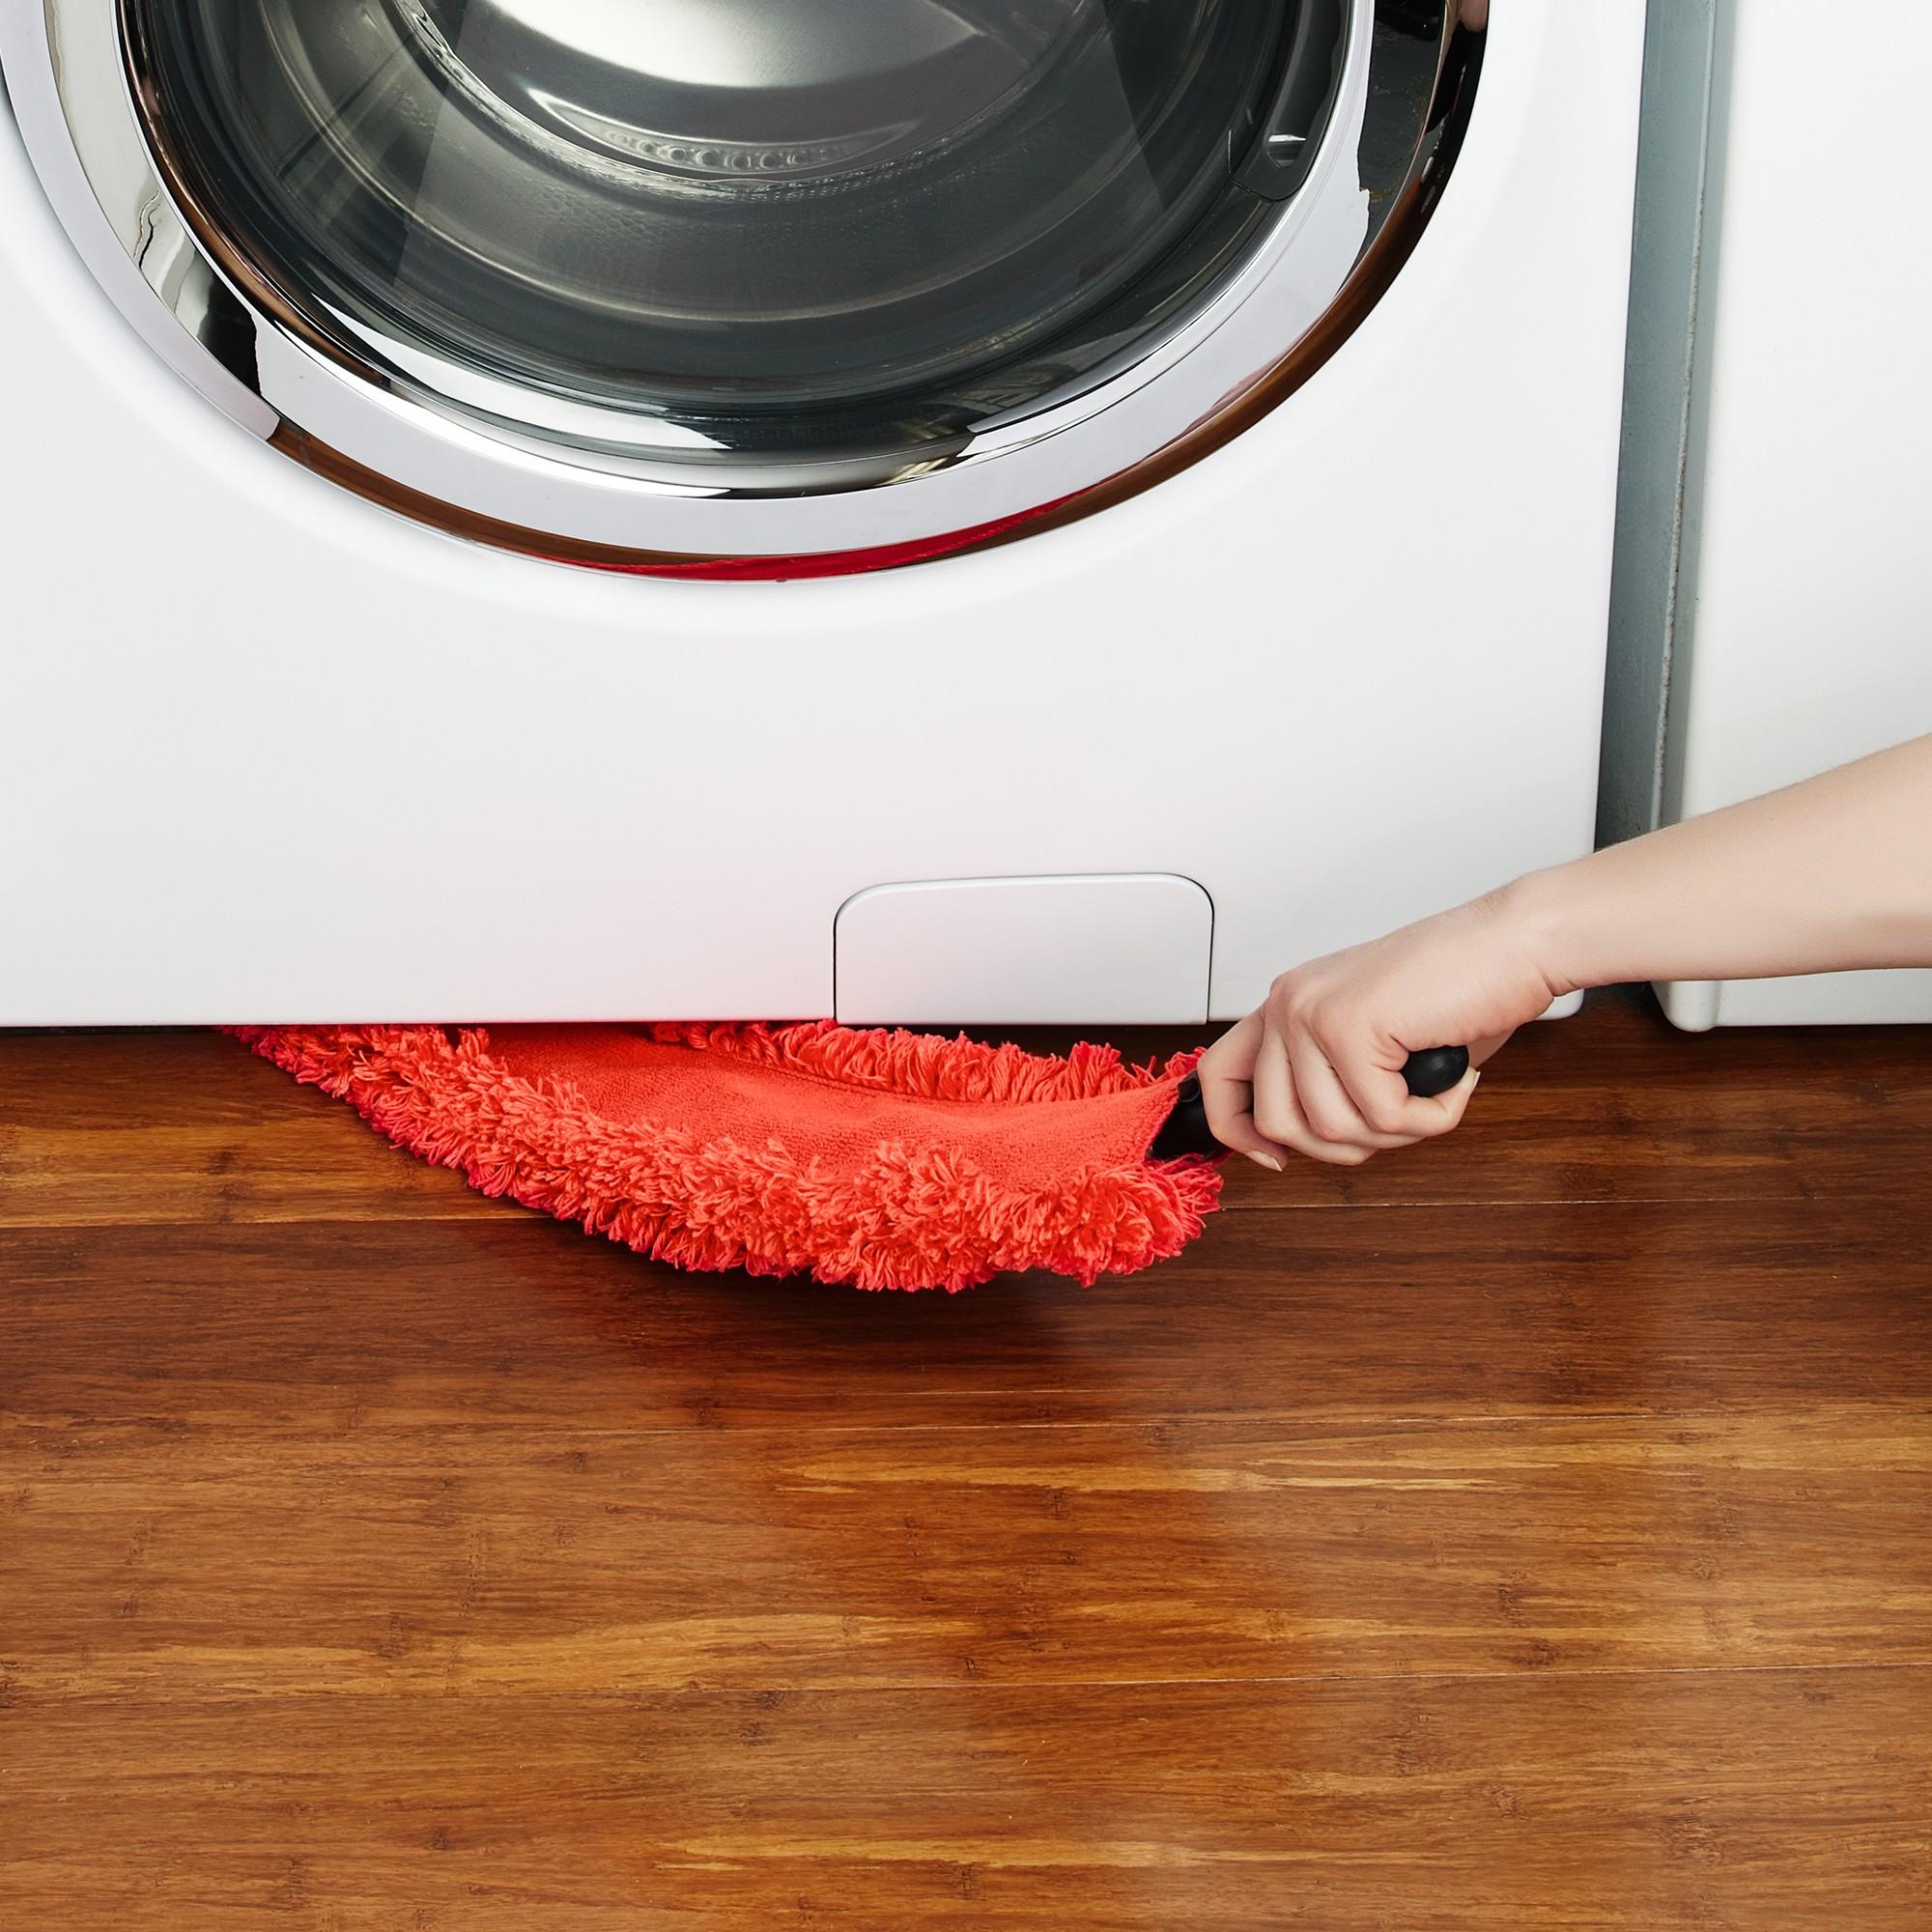 Escova para Frestas Oxo Good Grips de Microfibra Vermelha